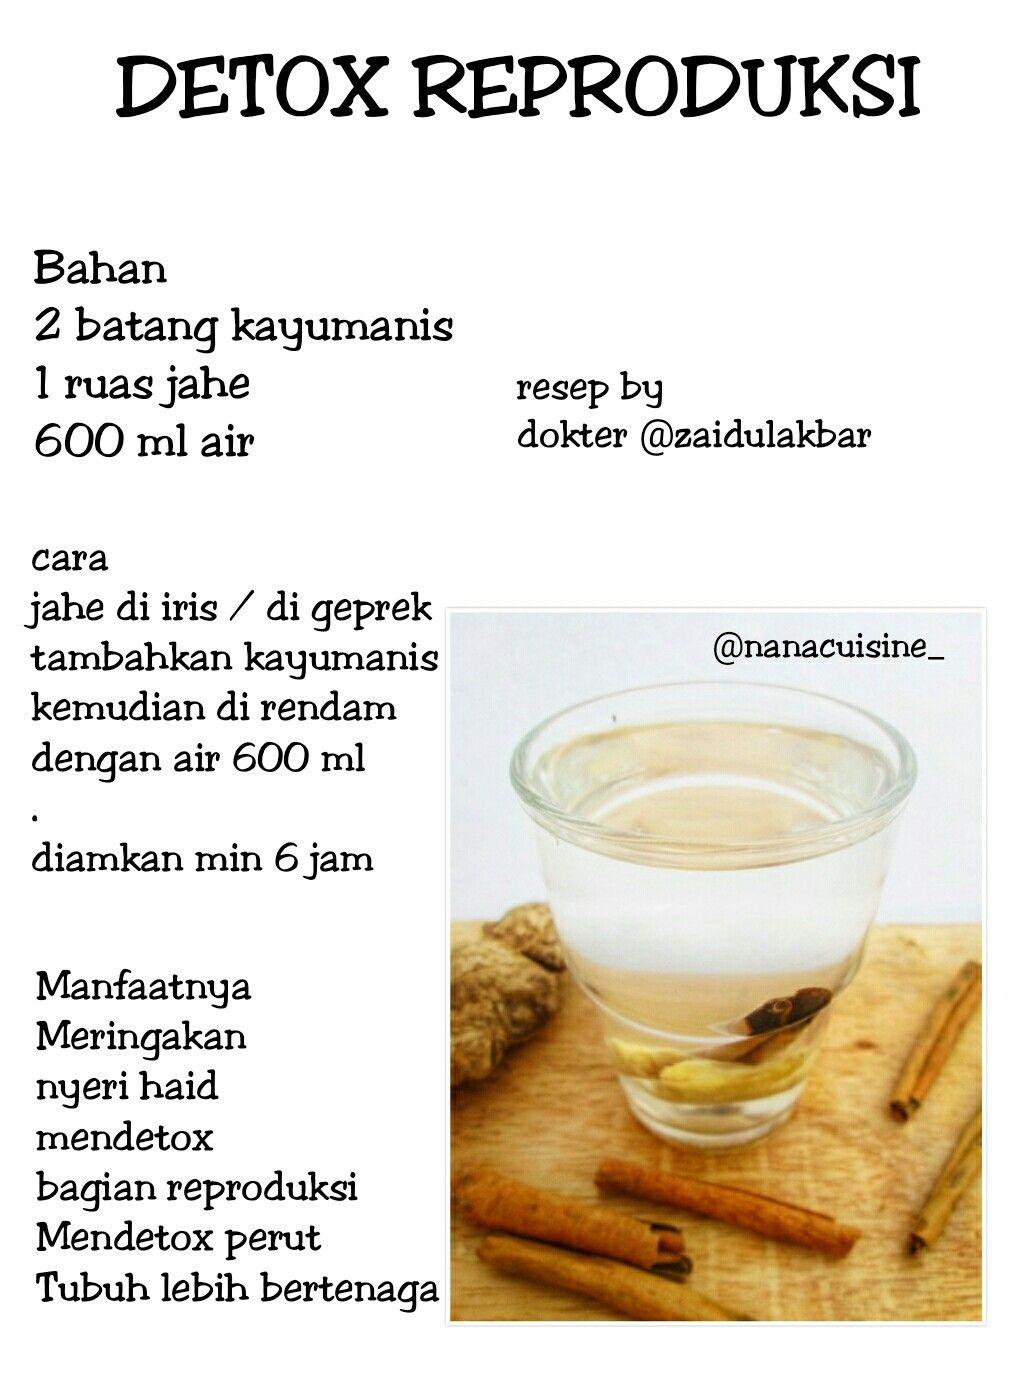 Pin Oleh Nurhayati Tajuddin Di Resep Jsr Diet Detoks Resep Makanan Sehat Resep Diet